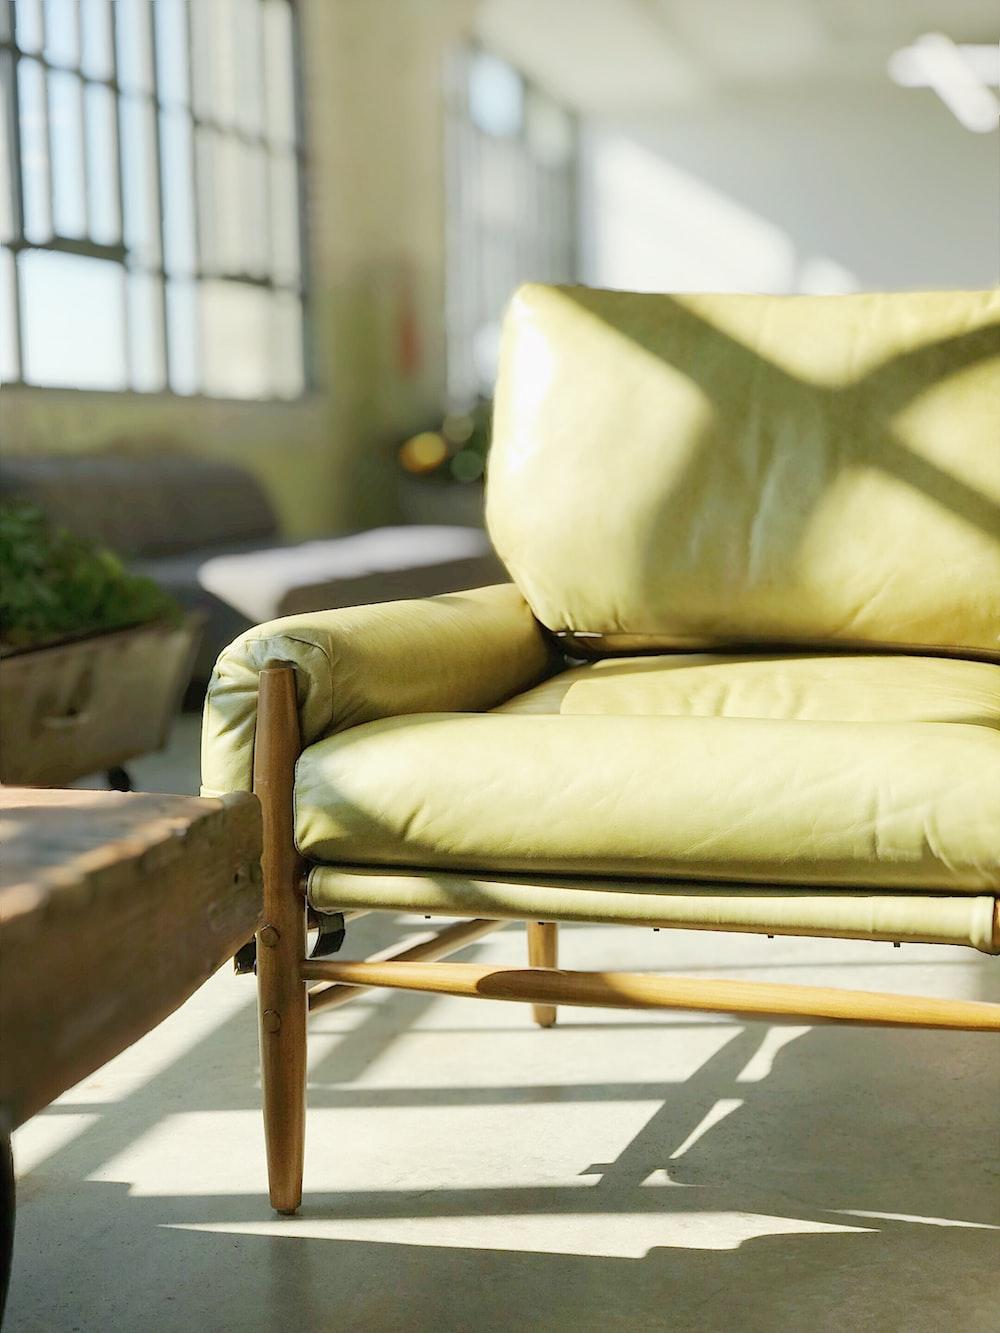 yellow leather sofa near window